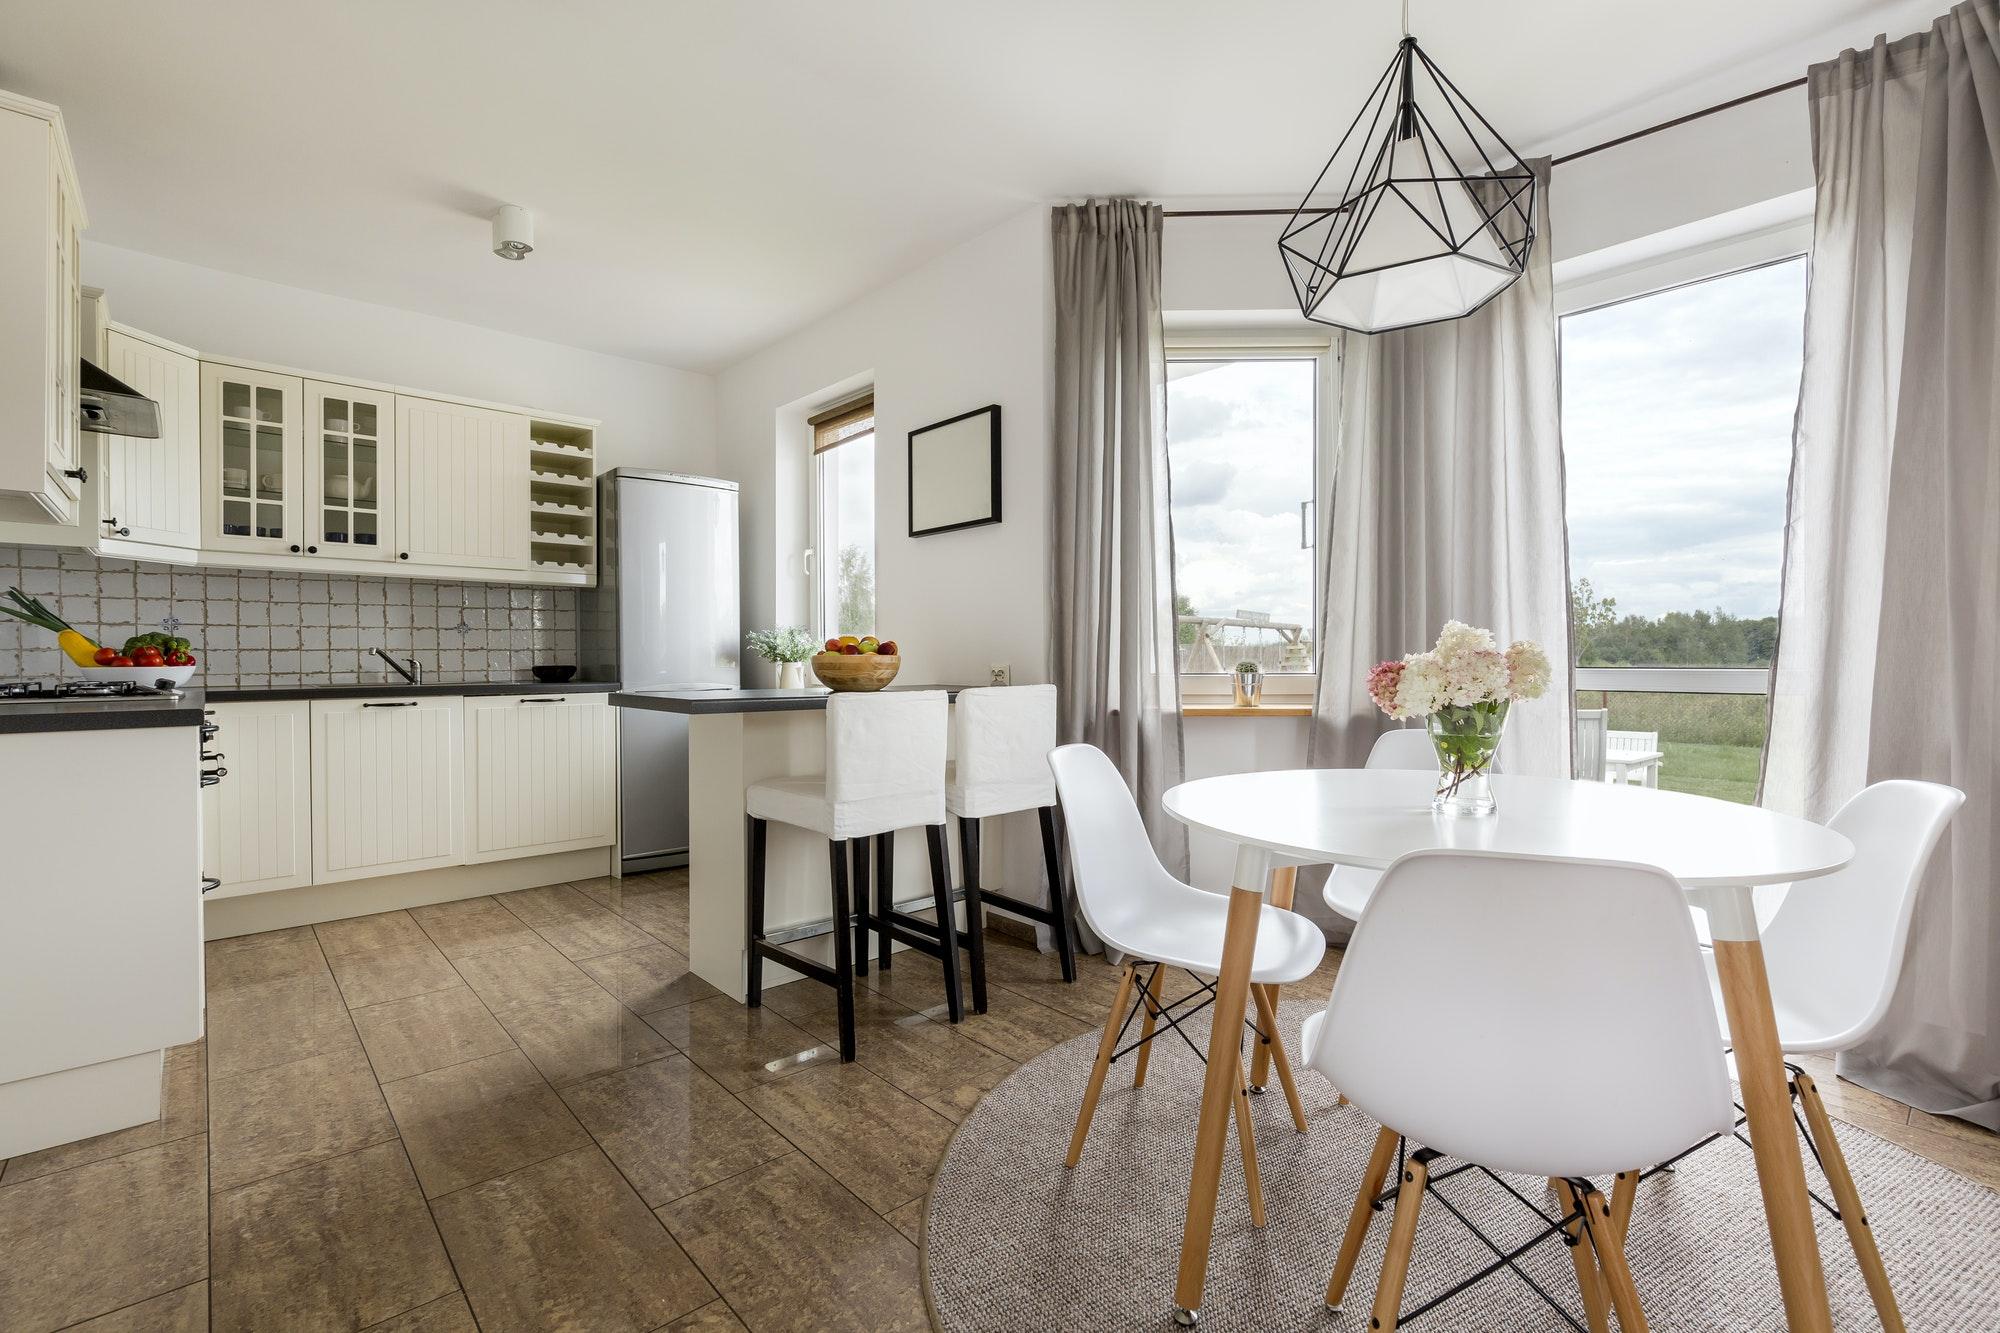 Foto cocina de diseño moderno en piso